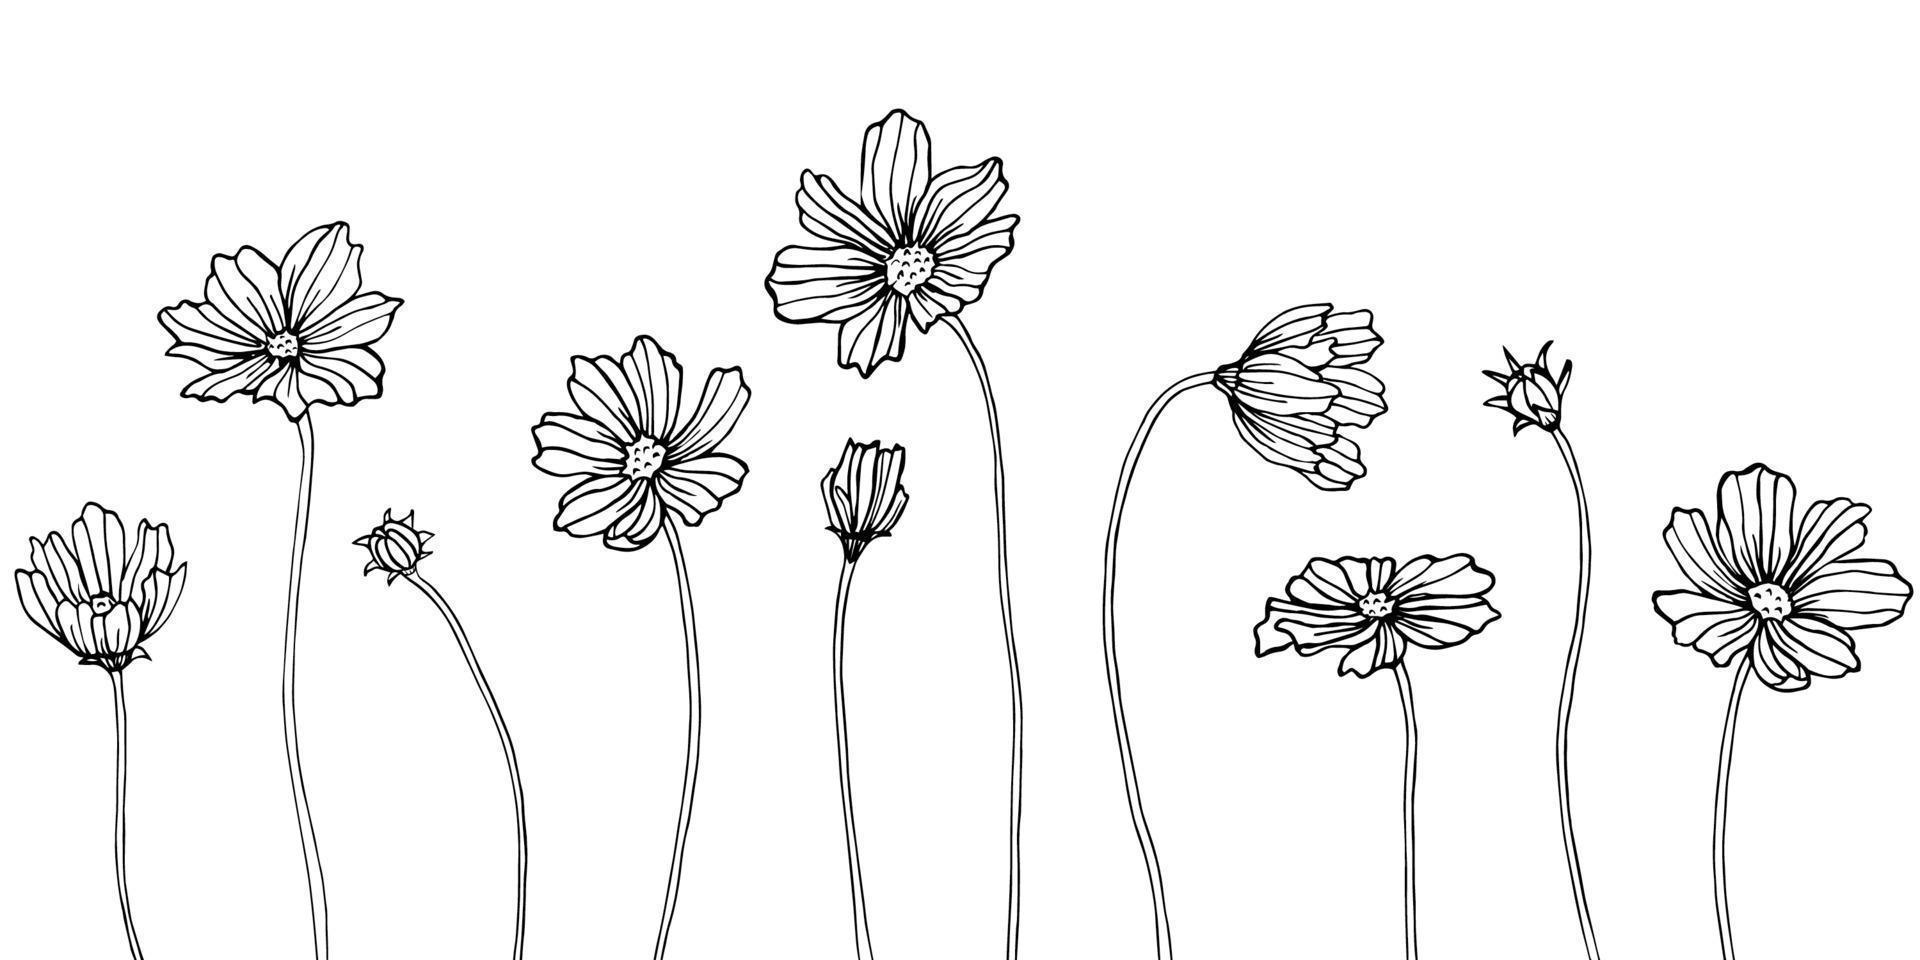 elemento de ilustração cosmea isolado. flores silvestres de primavera isoladas. arte em tinta preta e branca gravada. vetor